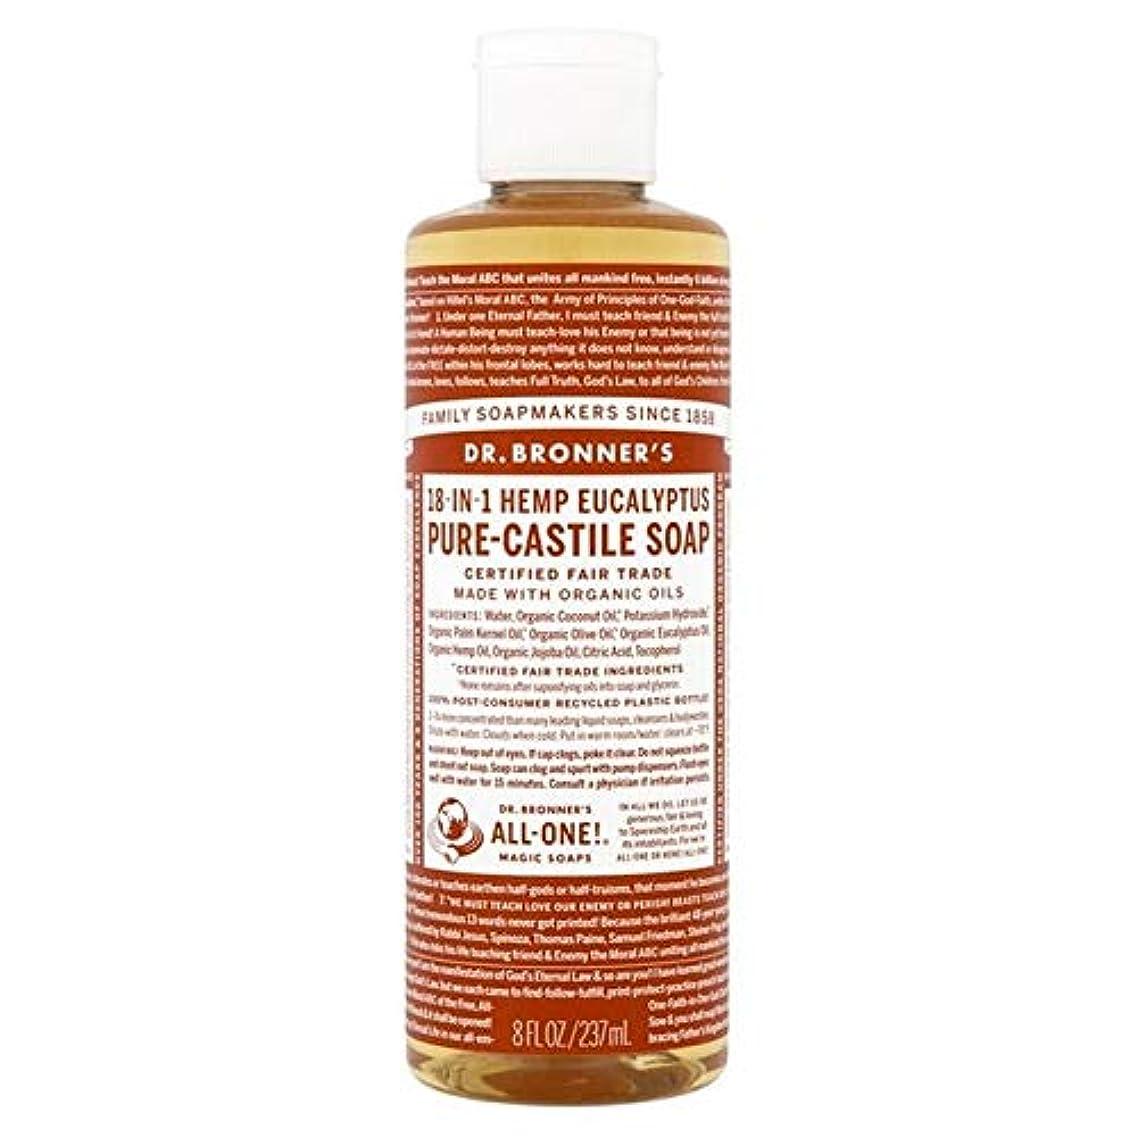 ファンシー便利きつく[Dr Bronner] Dr。ブロナーズ有機ユーカリの純粋な-カスティーリャ液体石鹸237ミリリットル - Dr. Bronner's Organic Eucalyptus Pure-Castile Liquid Soap...